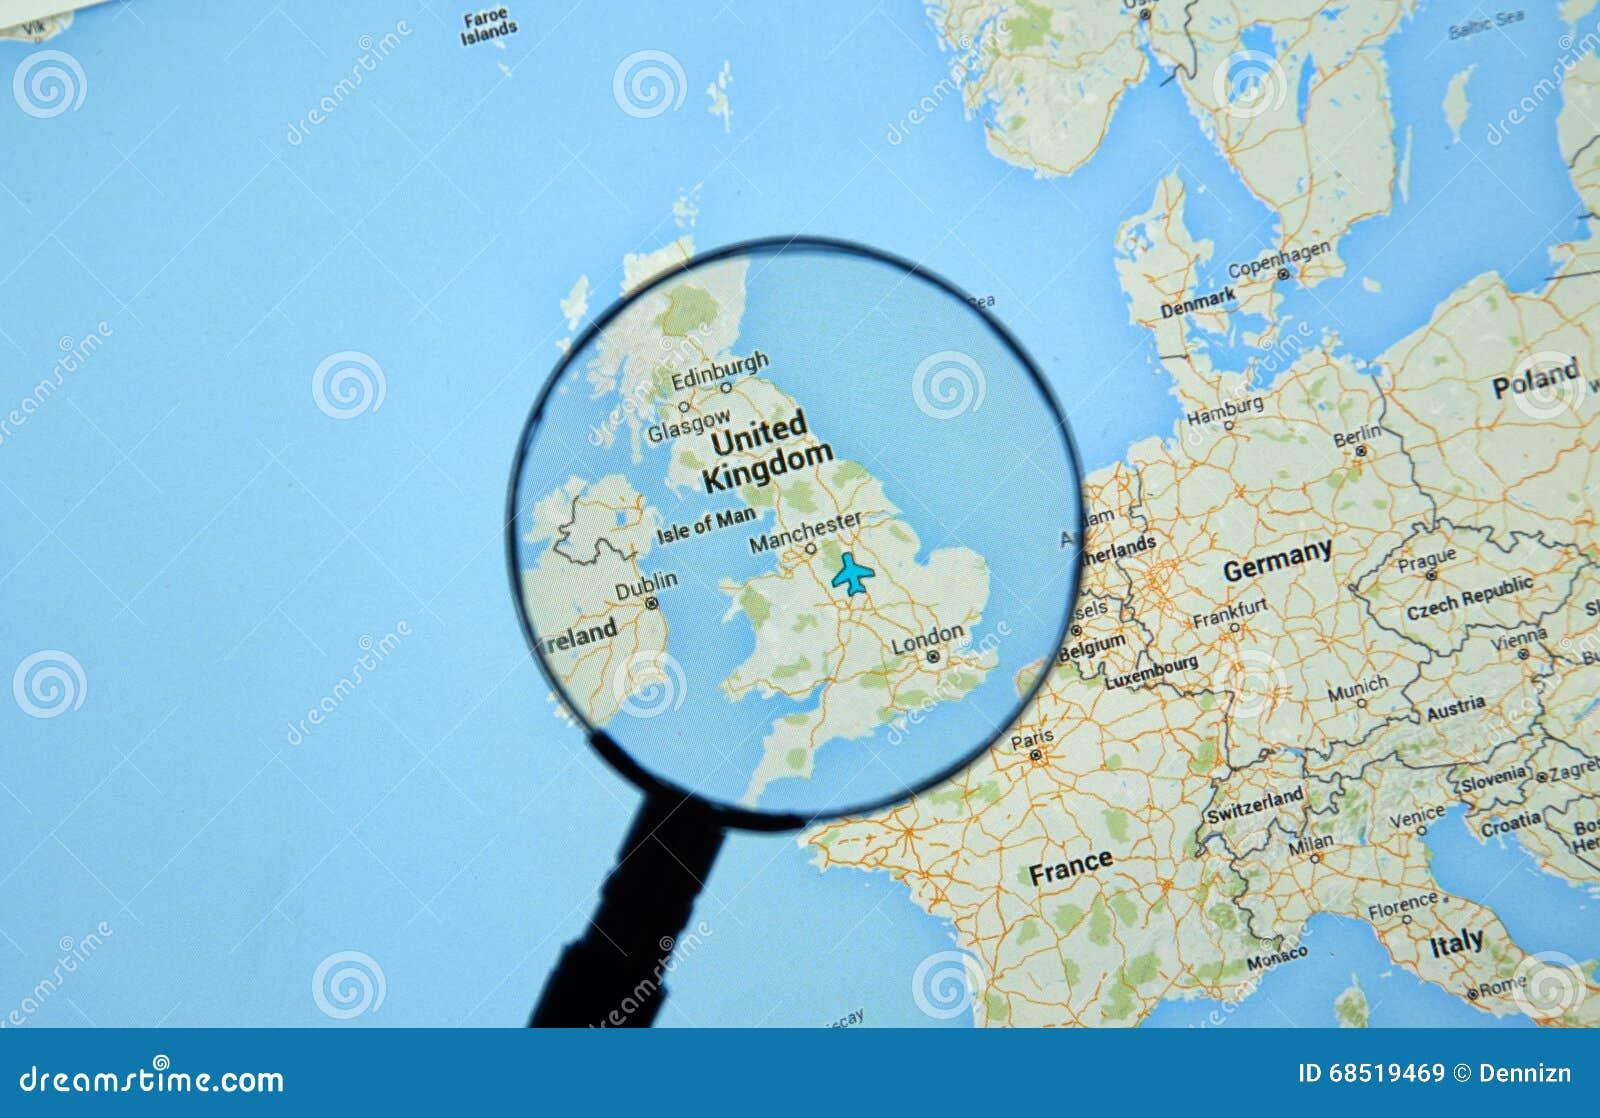 Vereinigtes Königreich Auf Google Maps Redaktionelles Stockbild ...